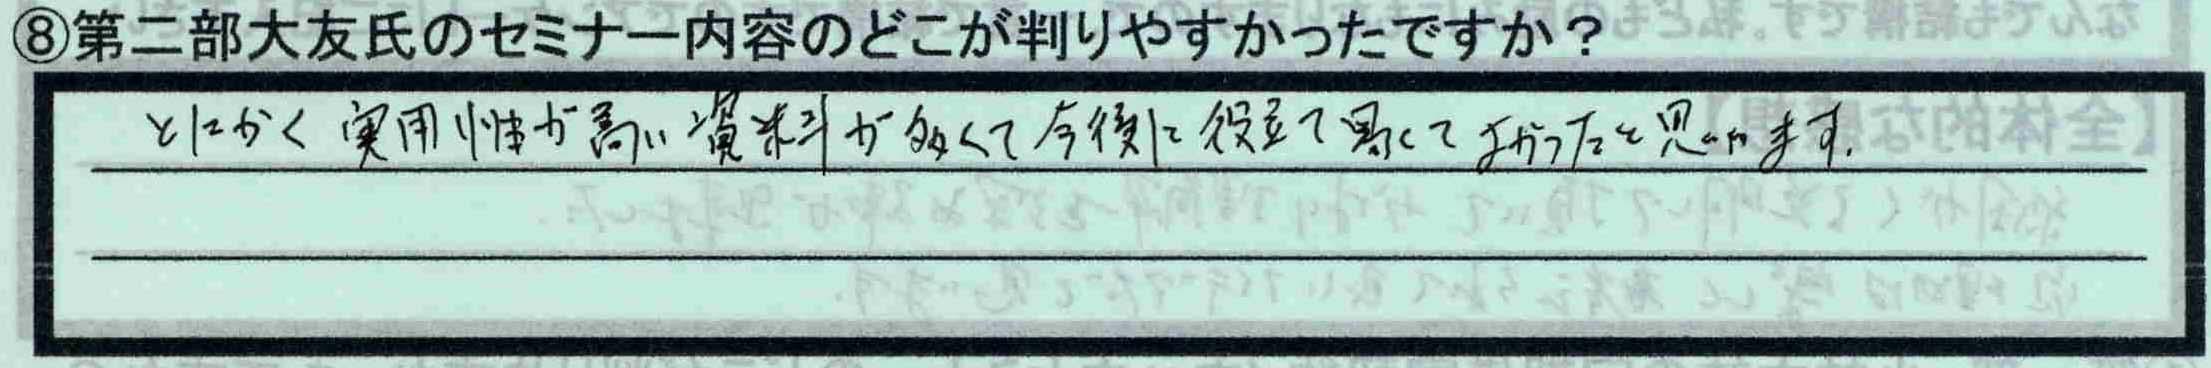 【栃木県宇都宮市】【小野智也さん】【二部どこが判りやす】